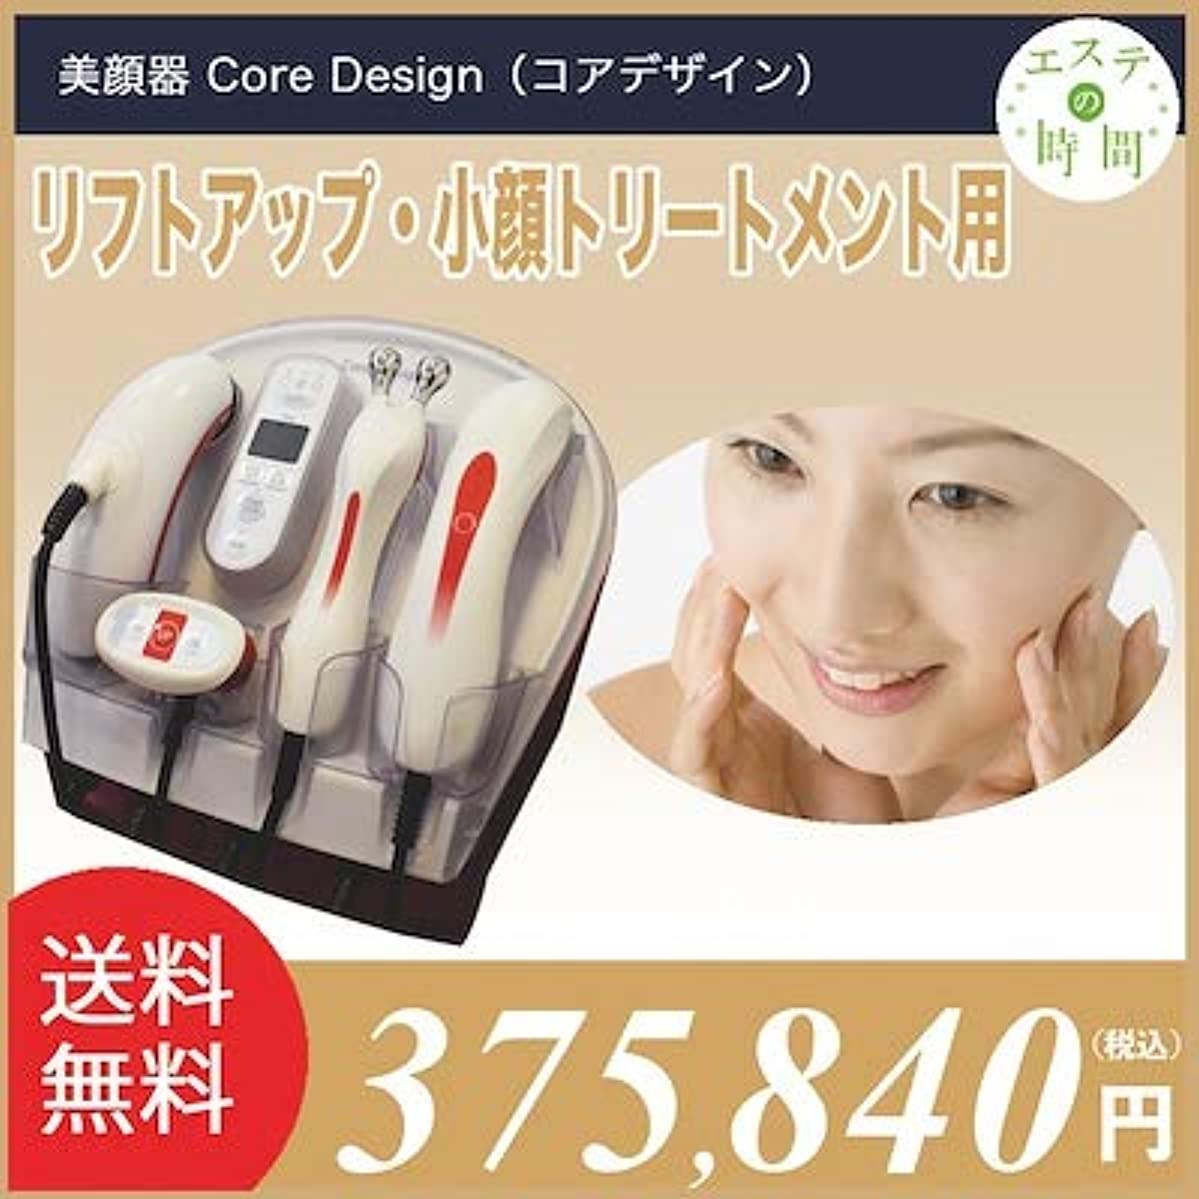 提供された着服送信する日本製 エステ業務用 美顔器 Core Design (コアデザイン)/ 全国どこでも無償納品研修付